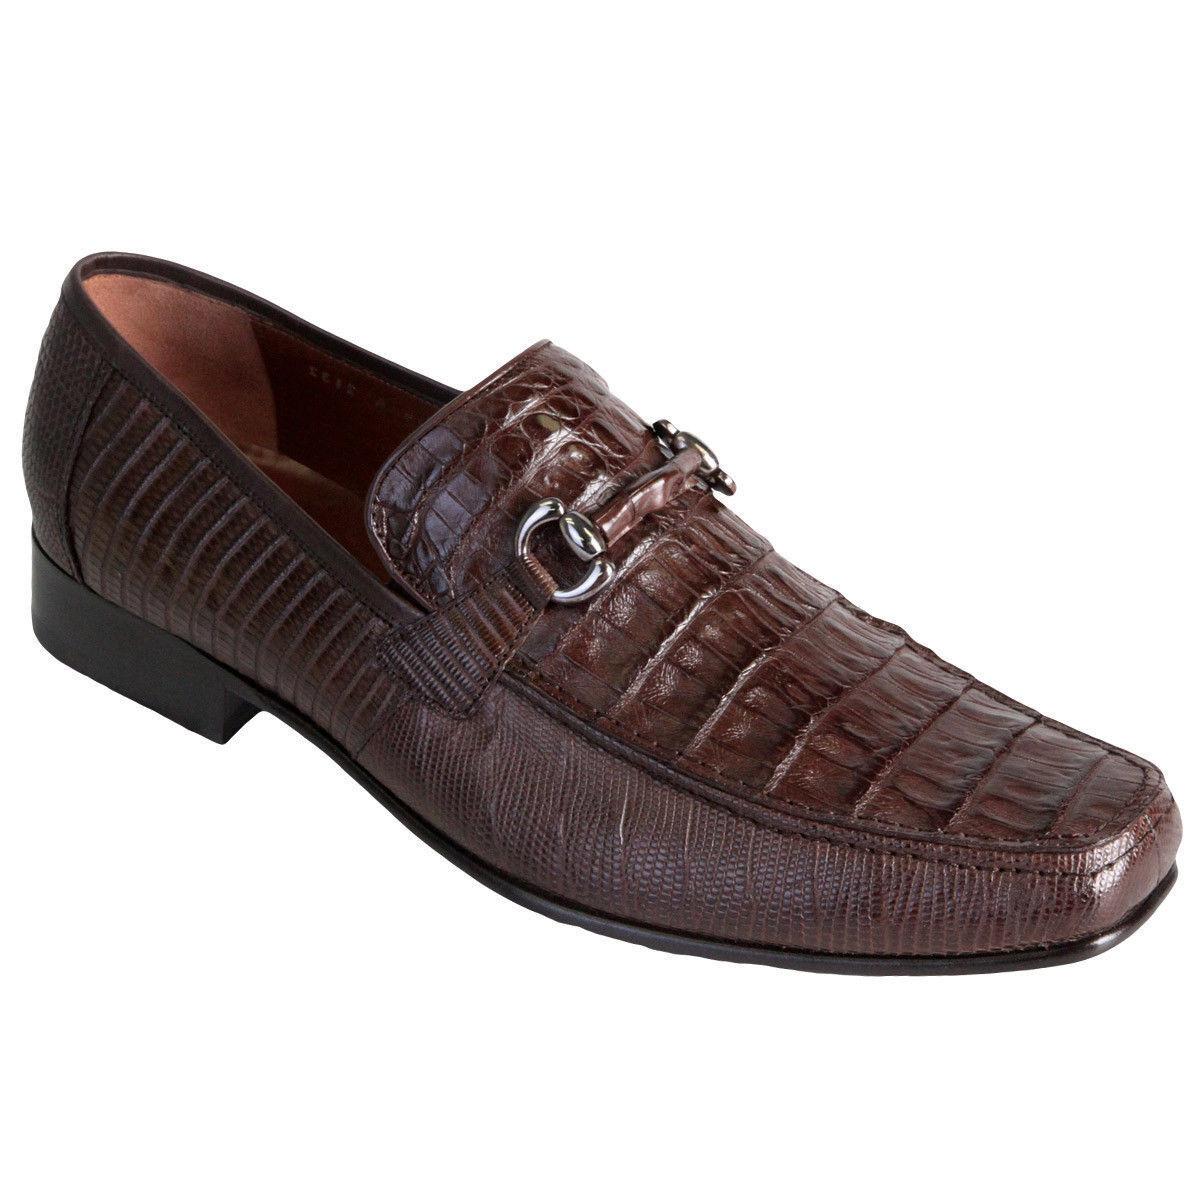 Los Los Los altos Genuino Lagarto Cocodrilo Marrón Mocasín Zapato de vestido (EE Ancho 406735